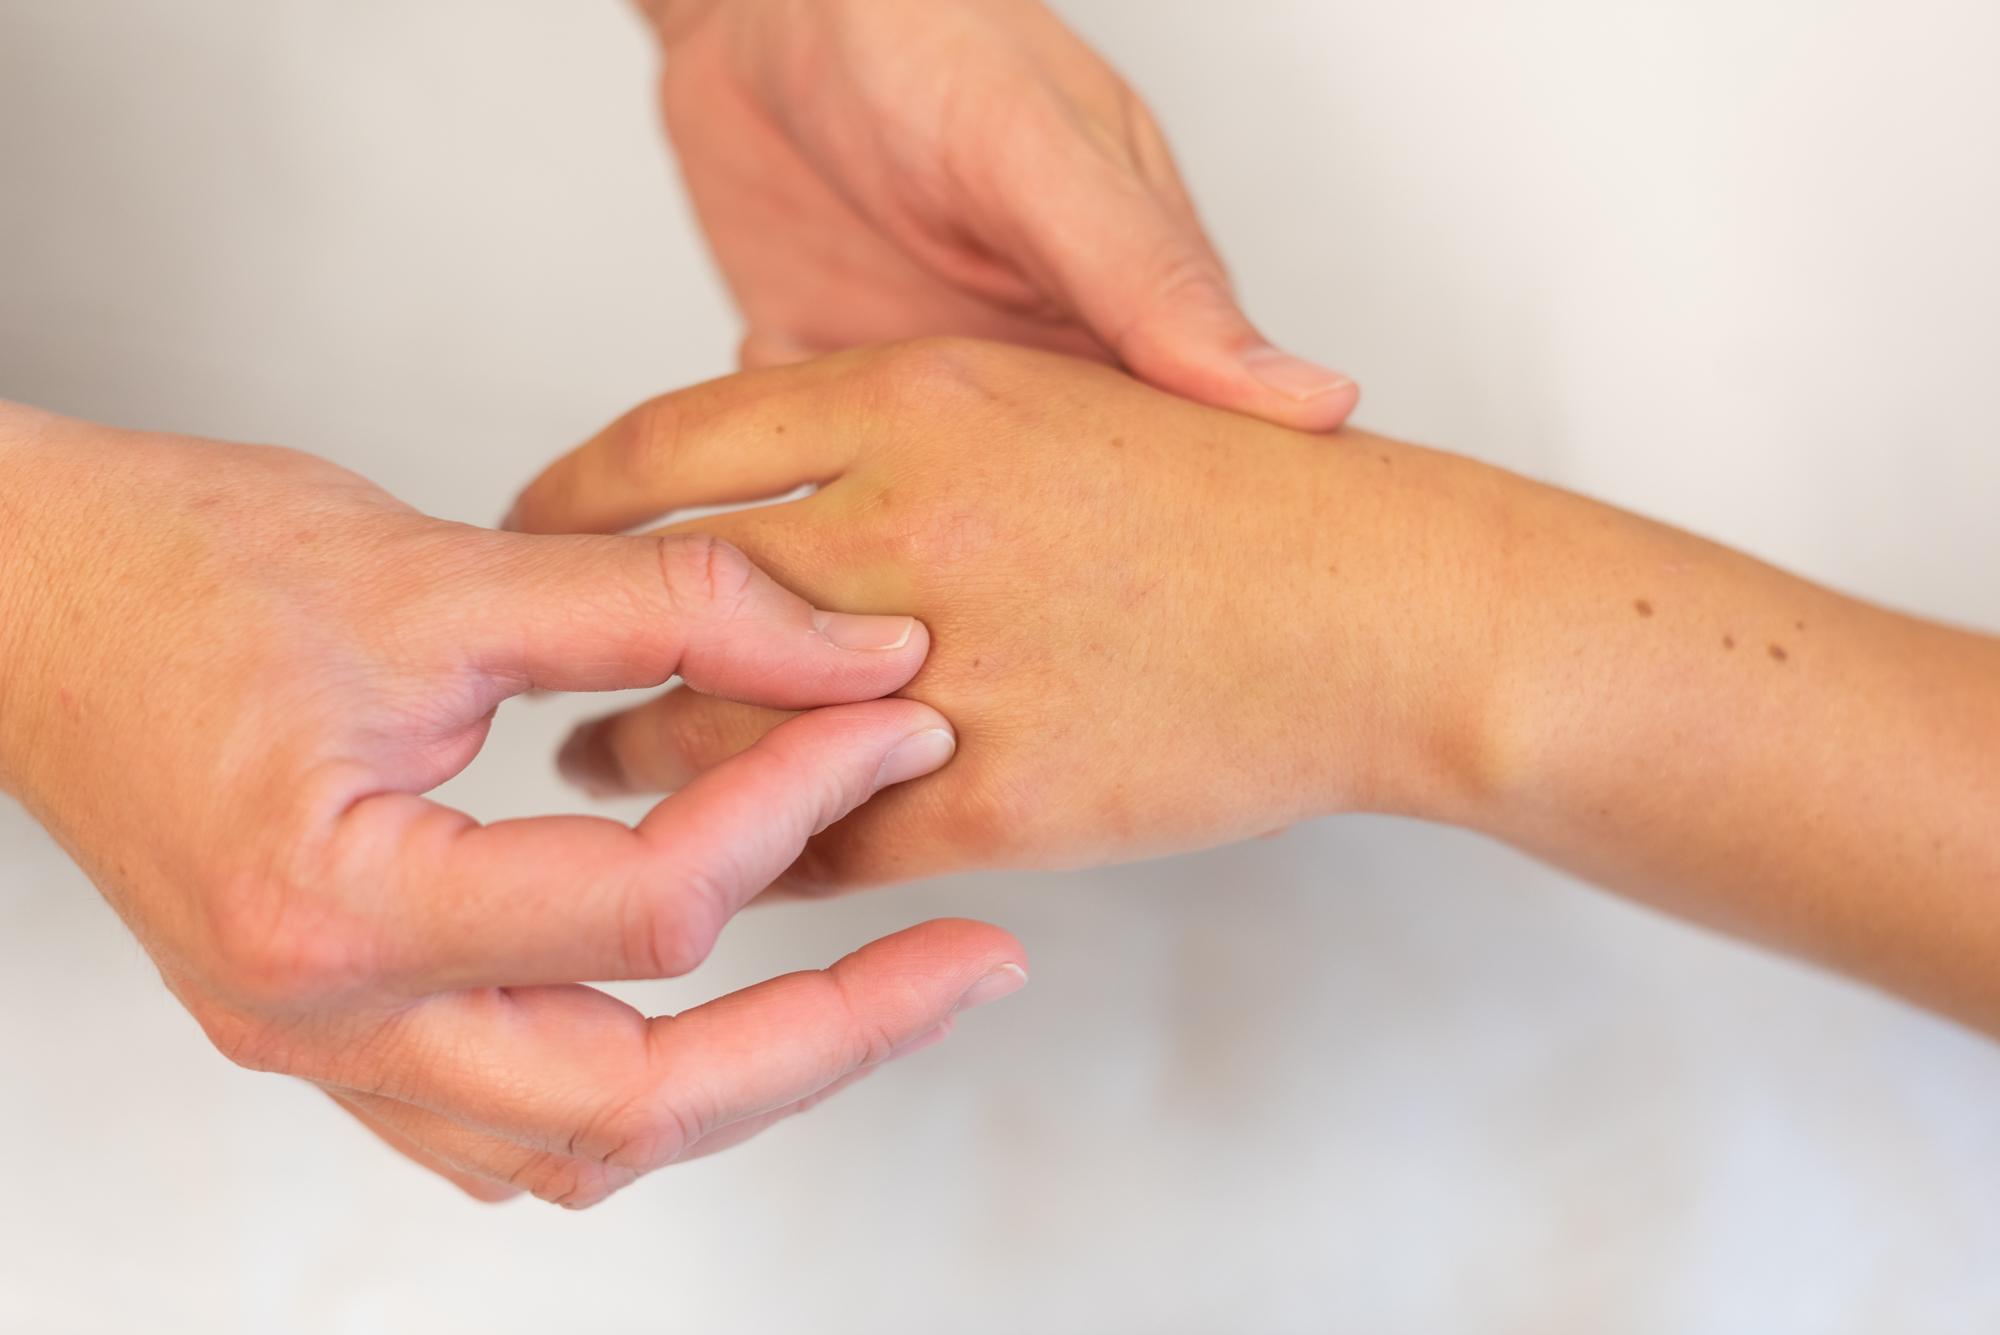 Reumatoïde artritis - Bravis ziekenhuis